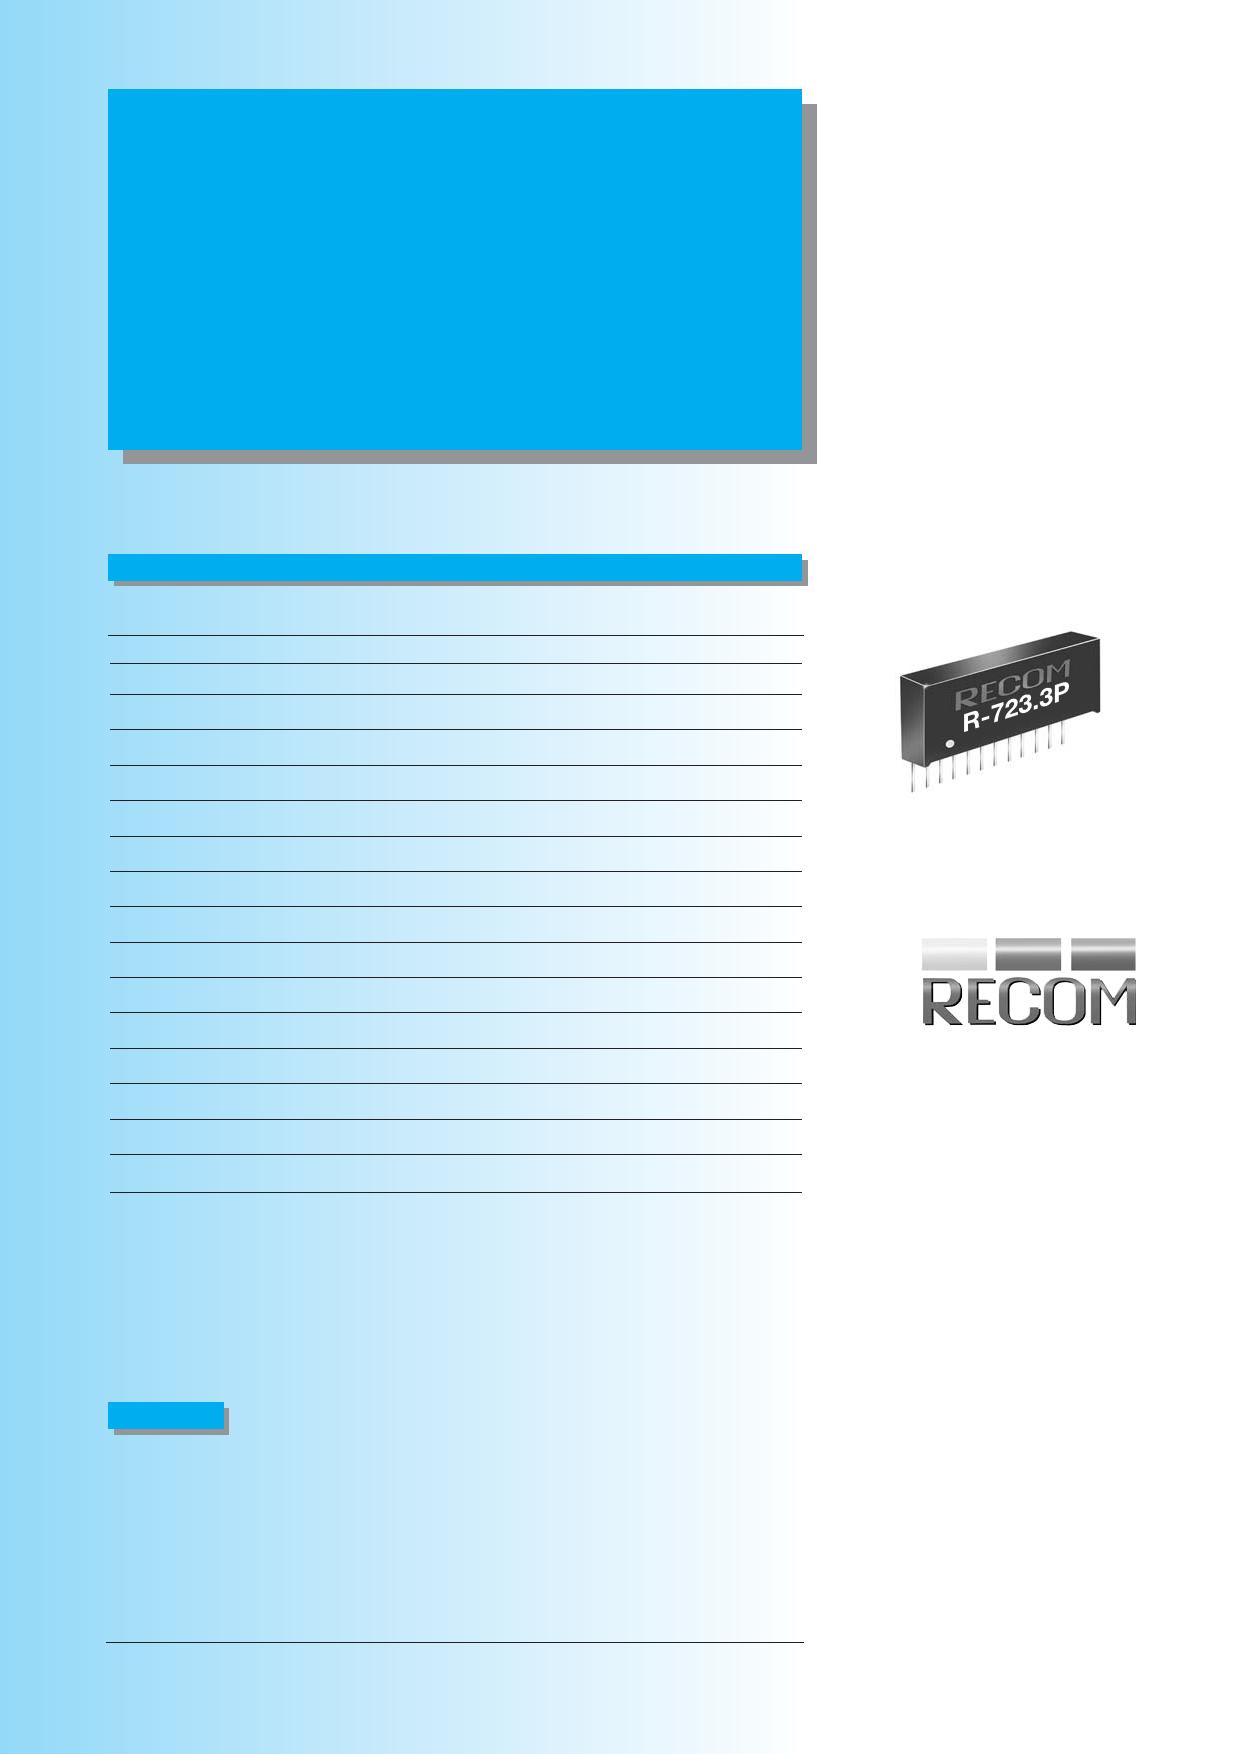 R-7xxxxP datasheet